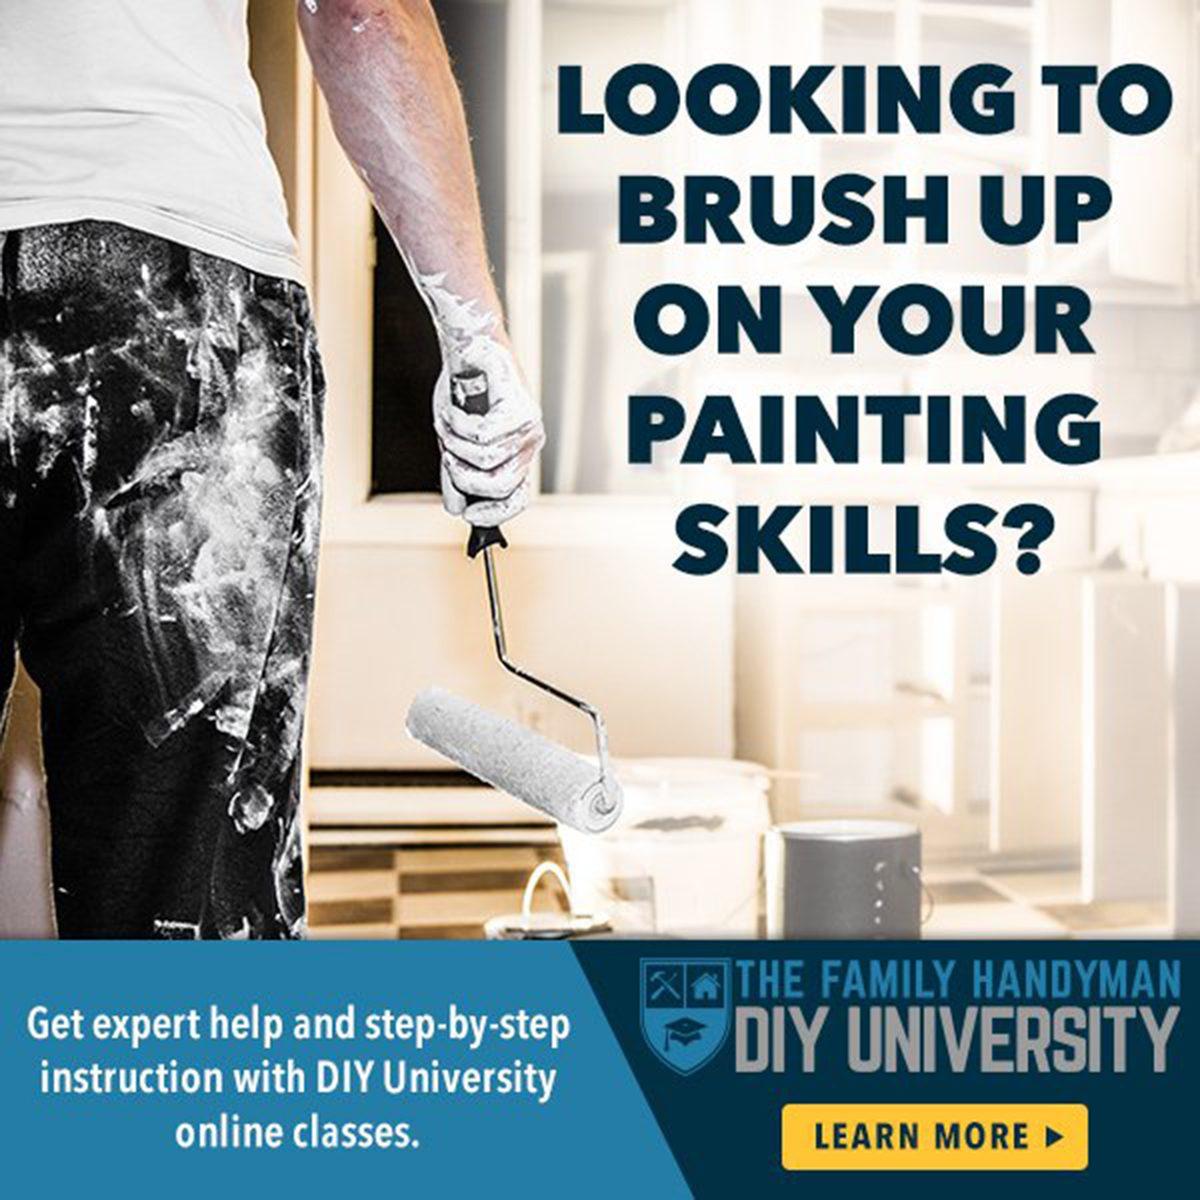 DIY University